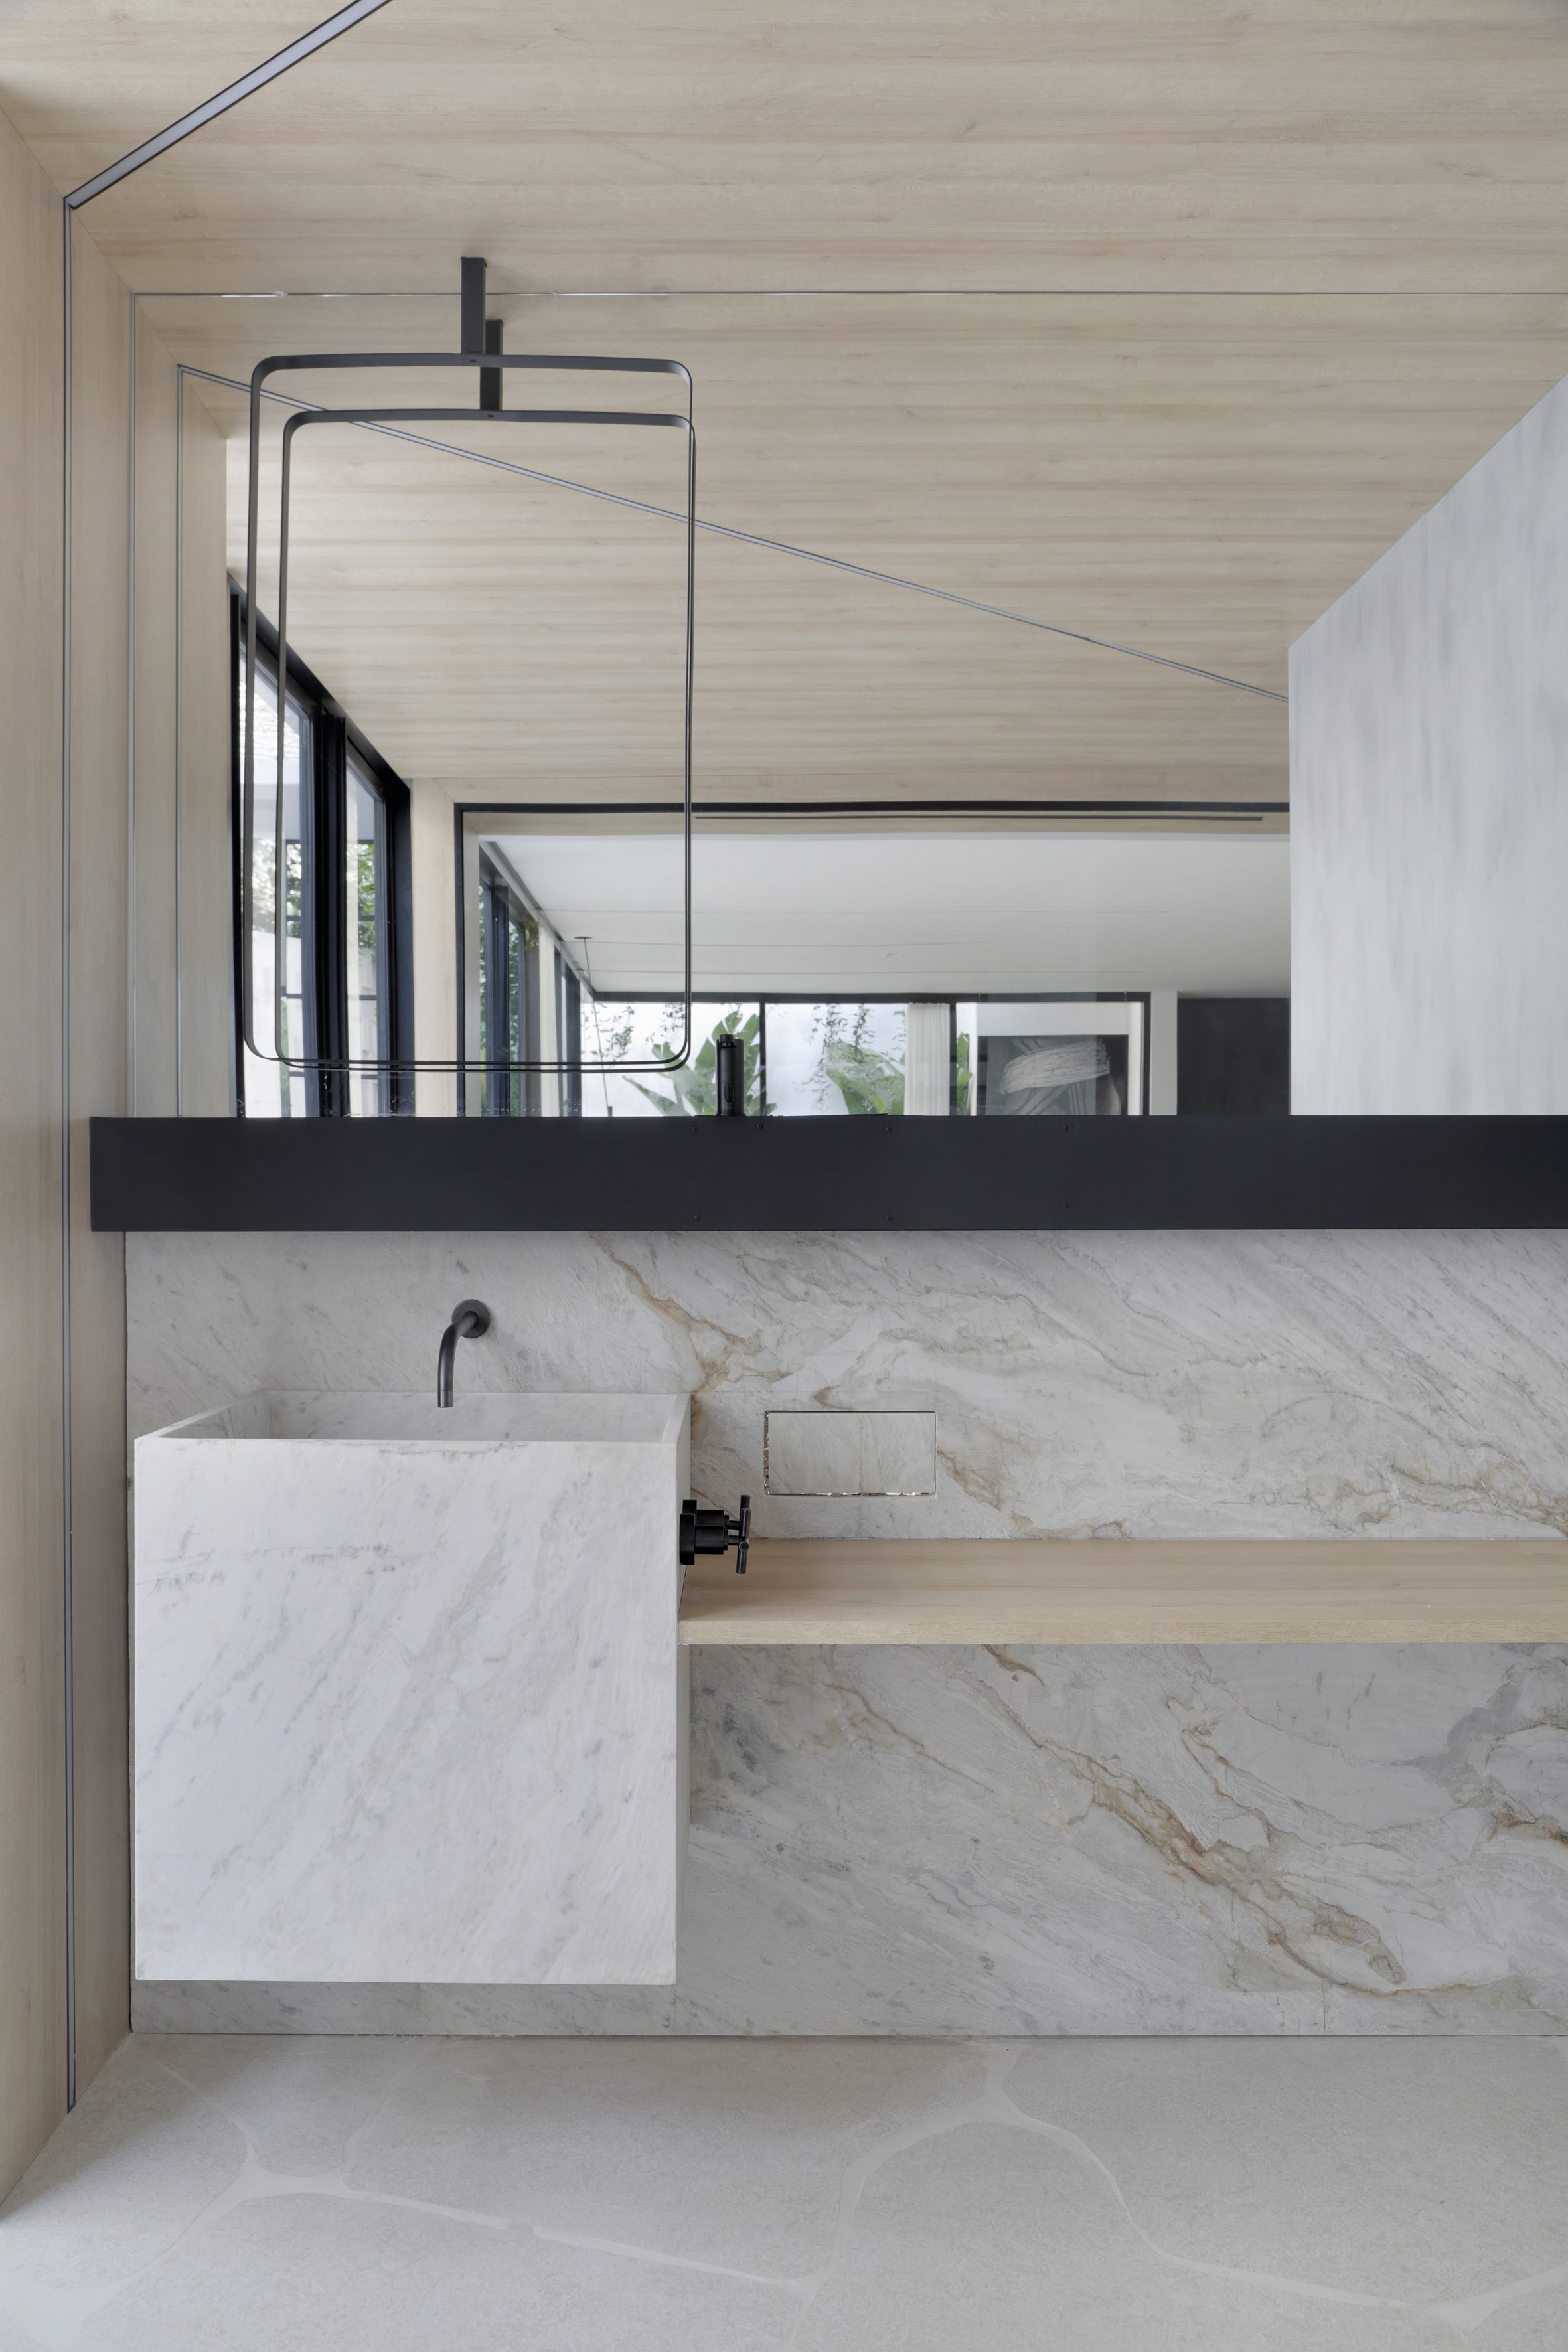 Casa Conecta: Ticiane Lima, CASACOR SP 2019.  Lavabo de mármore, torneira e registro em cor preta,bancada de madeira e parede com revestimento em mármore, espelho horizontal e piso em formato de rochas.